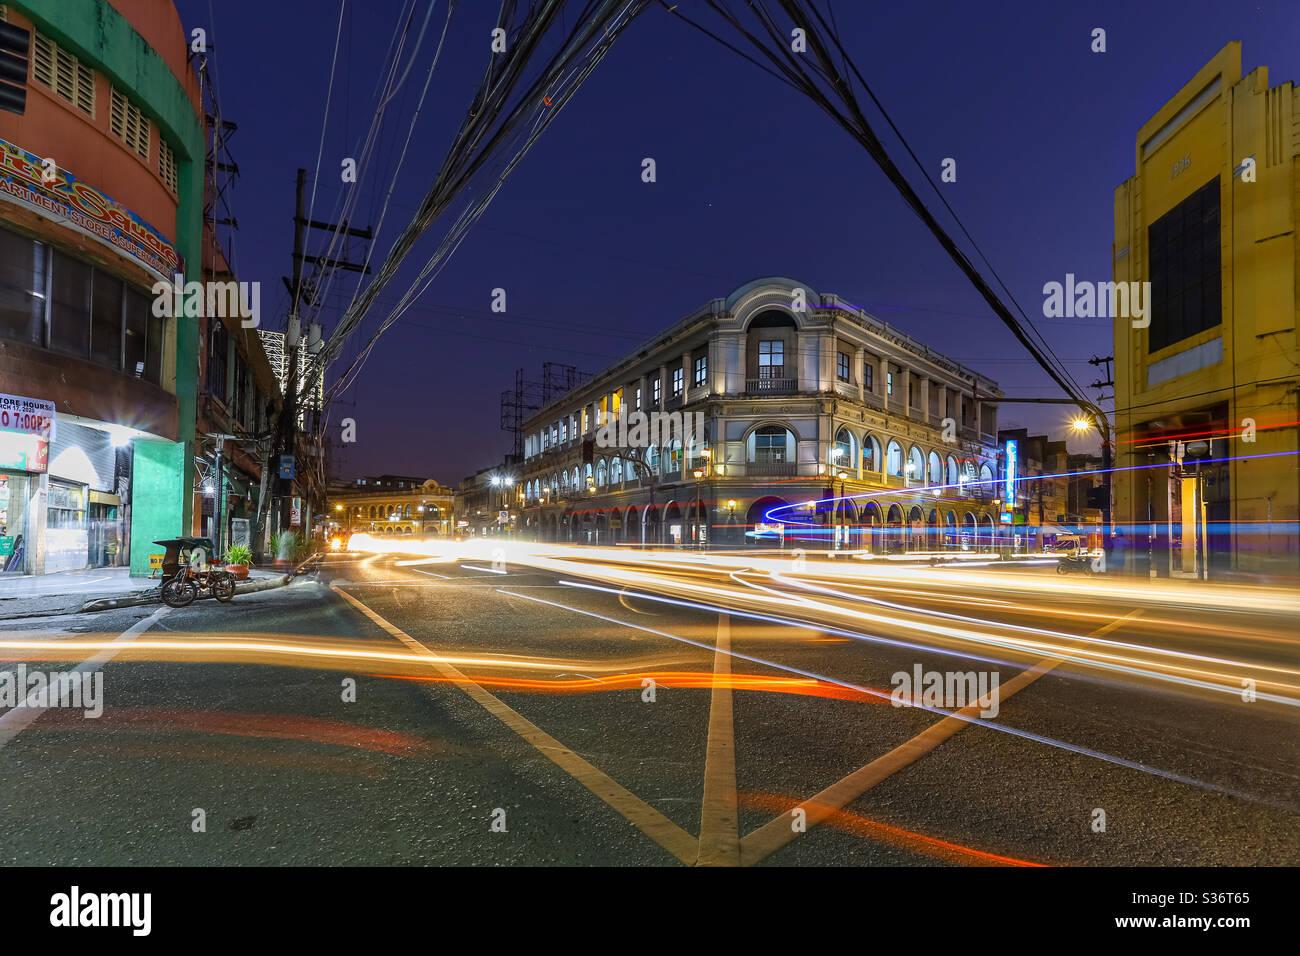 Calle Real (rue Royal) ou J.M. Basa Street est une rue historique dans le vieux centre-ville d'Iloilo, Philippines. La rue abrite de nombreux bâtiments néoclassiques, beaux-arts et art déco. Exposition longue Banque D'Images